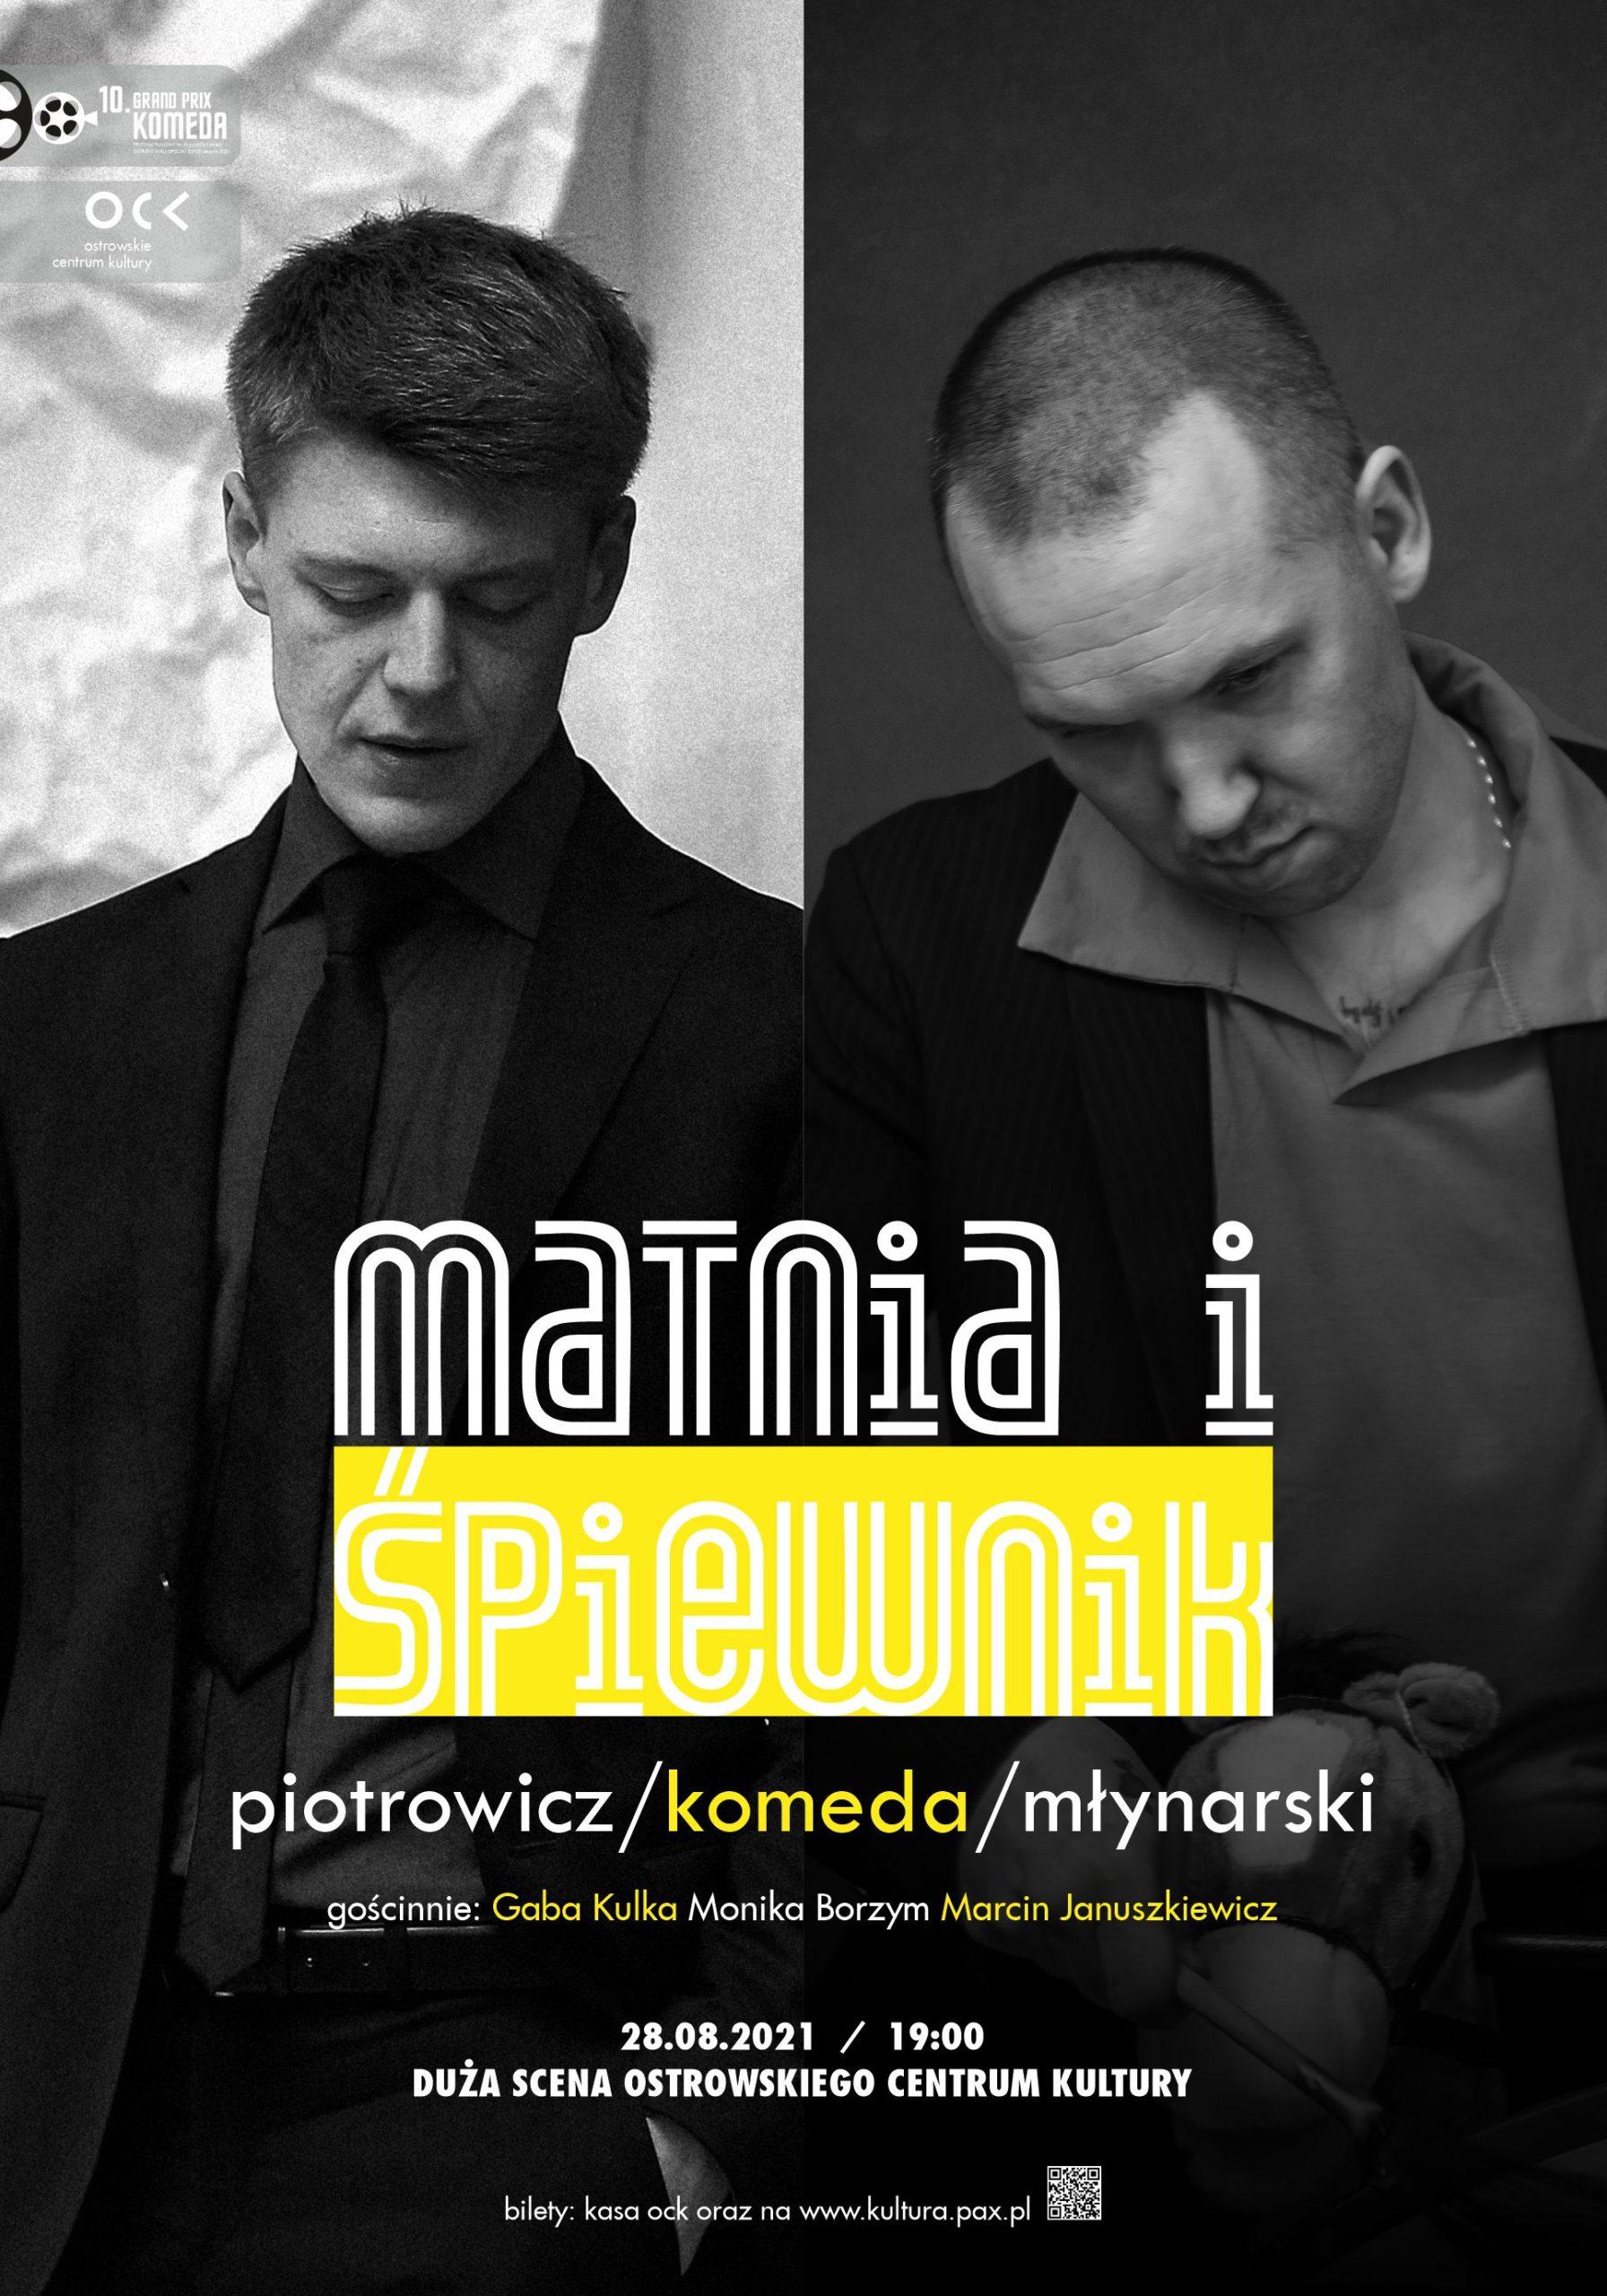 10.GPK   PIOTROWICZ / KOMEDA / MŁYNARSKI   MATNIA I ŚPIEWNIK